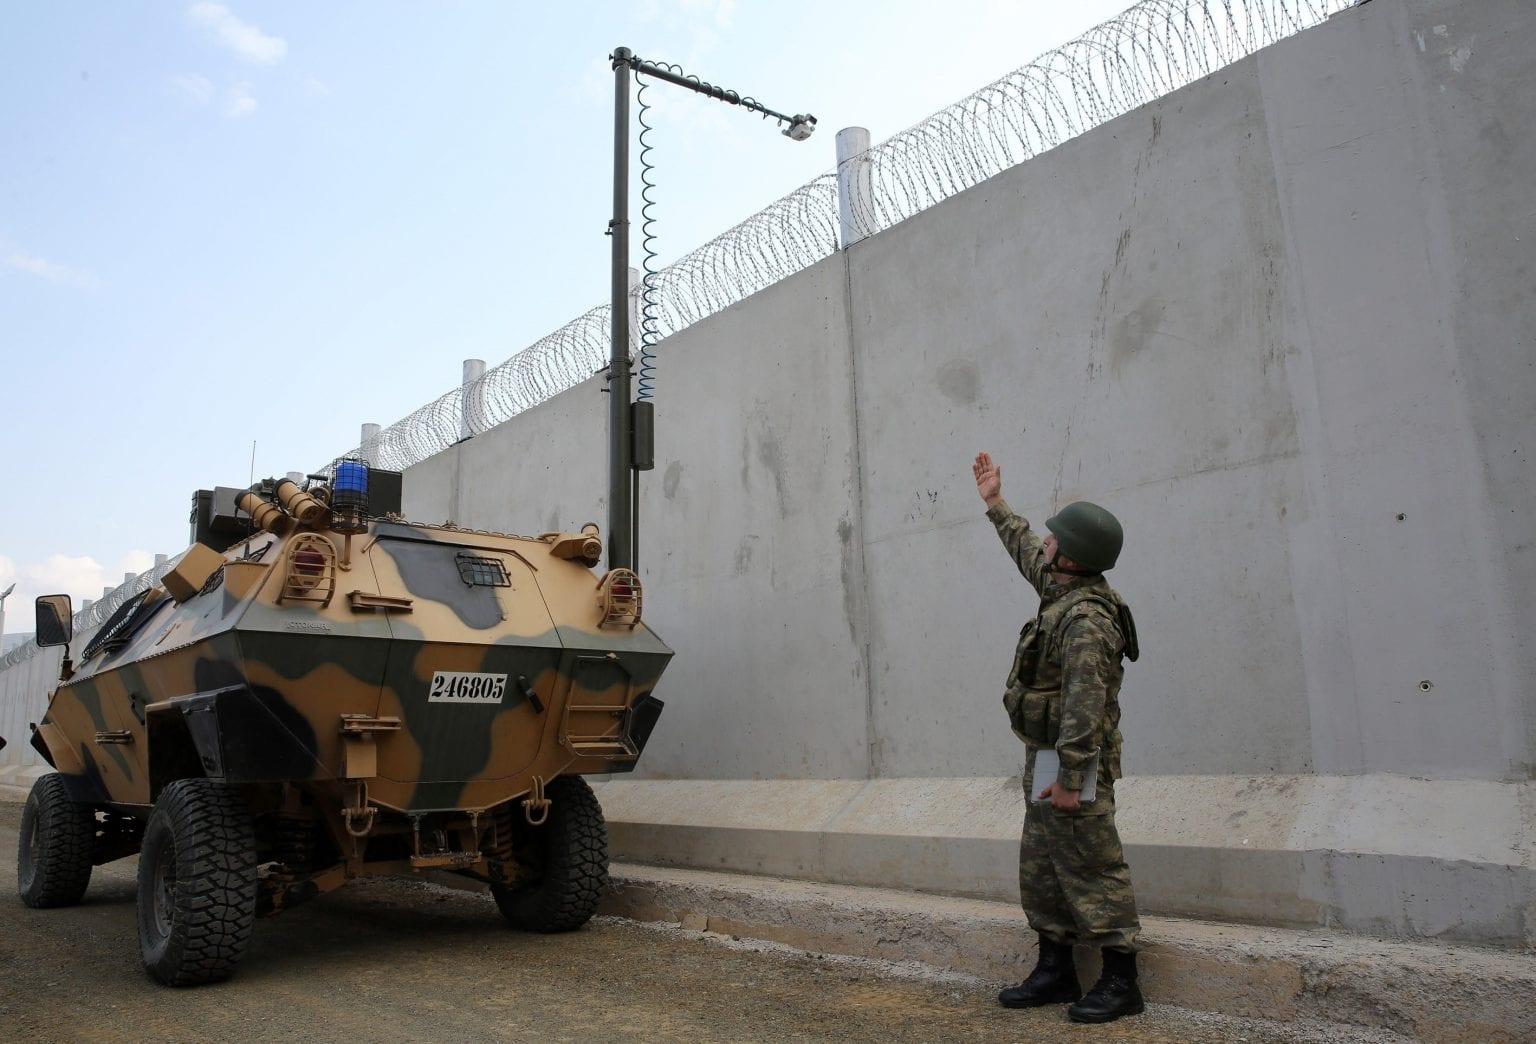 Tyrkiske soldater patruljerer grænsemuren mod Syrien, ved hjælp af militærkøretøjer indkøbt af EU. Foto: Getty Images.